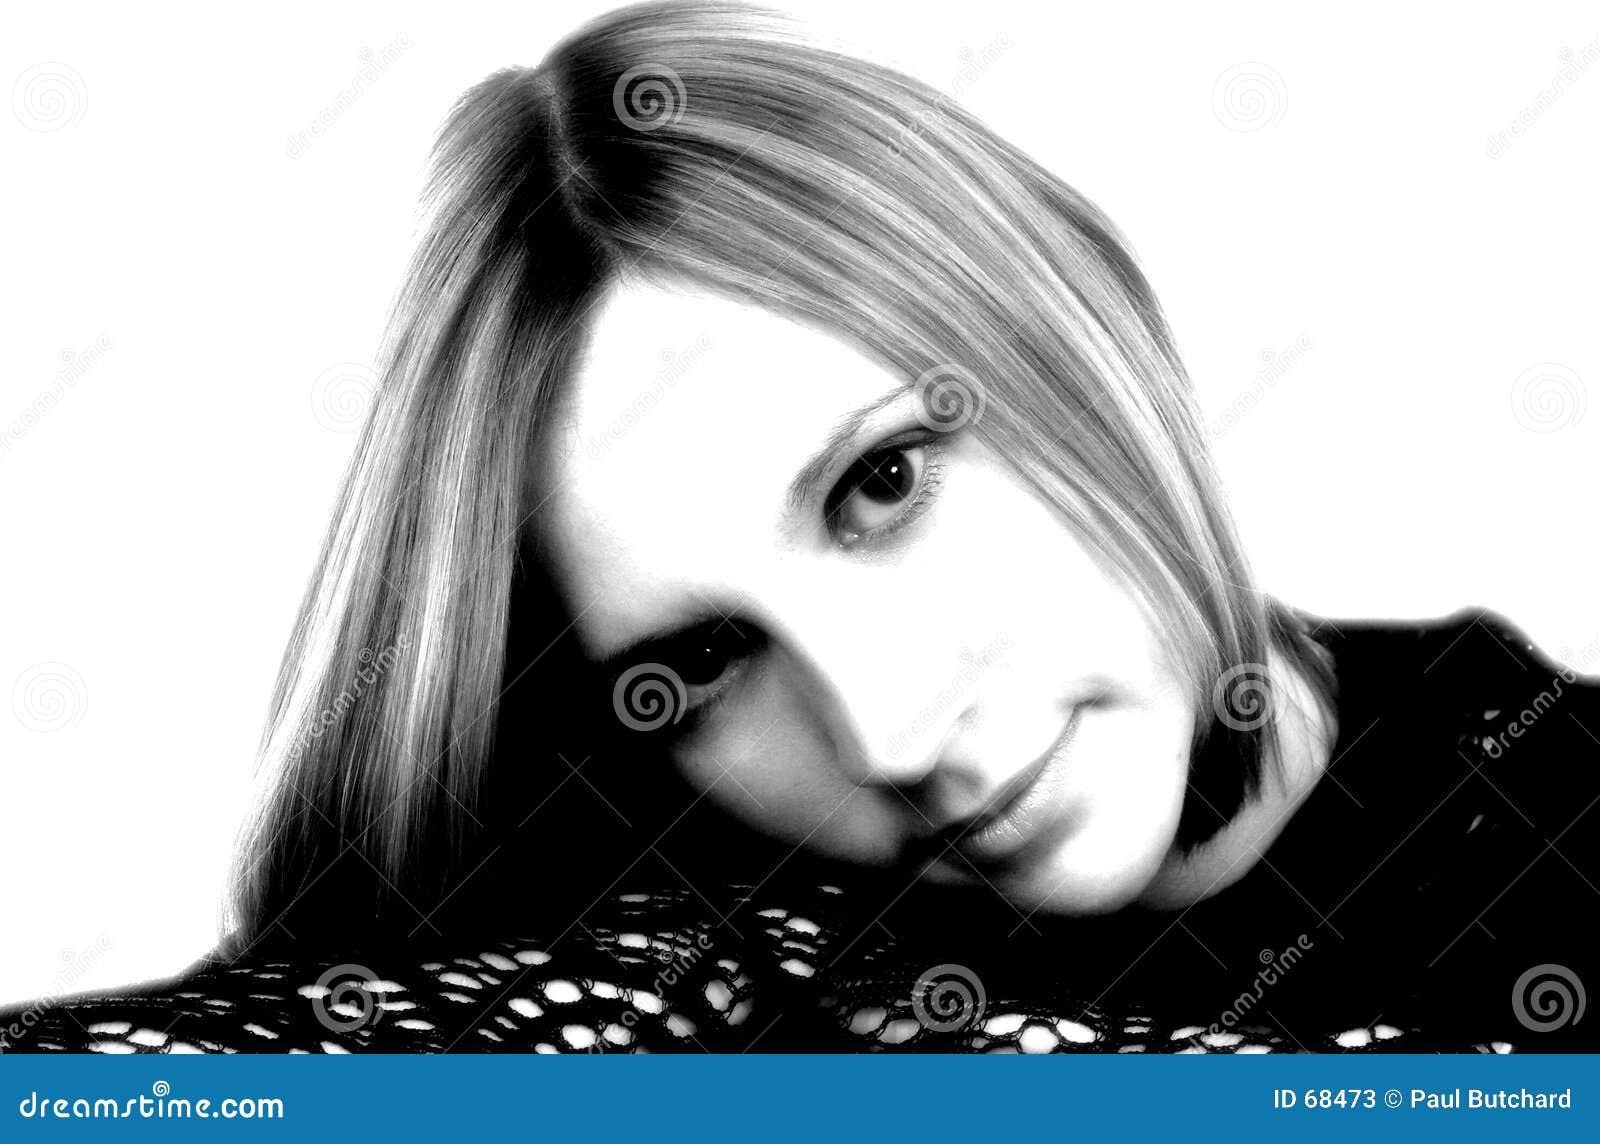 Retrato negro y blanco con alto contraste